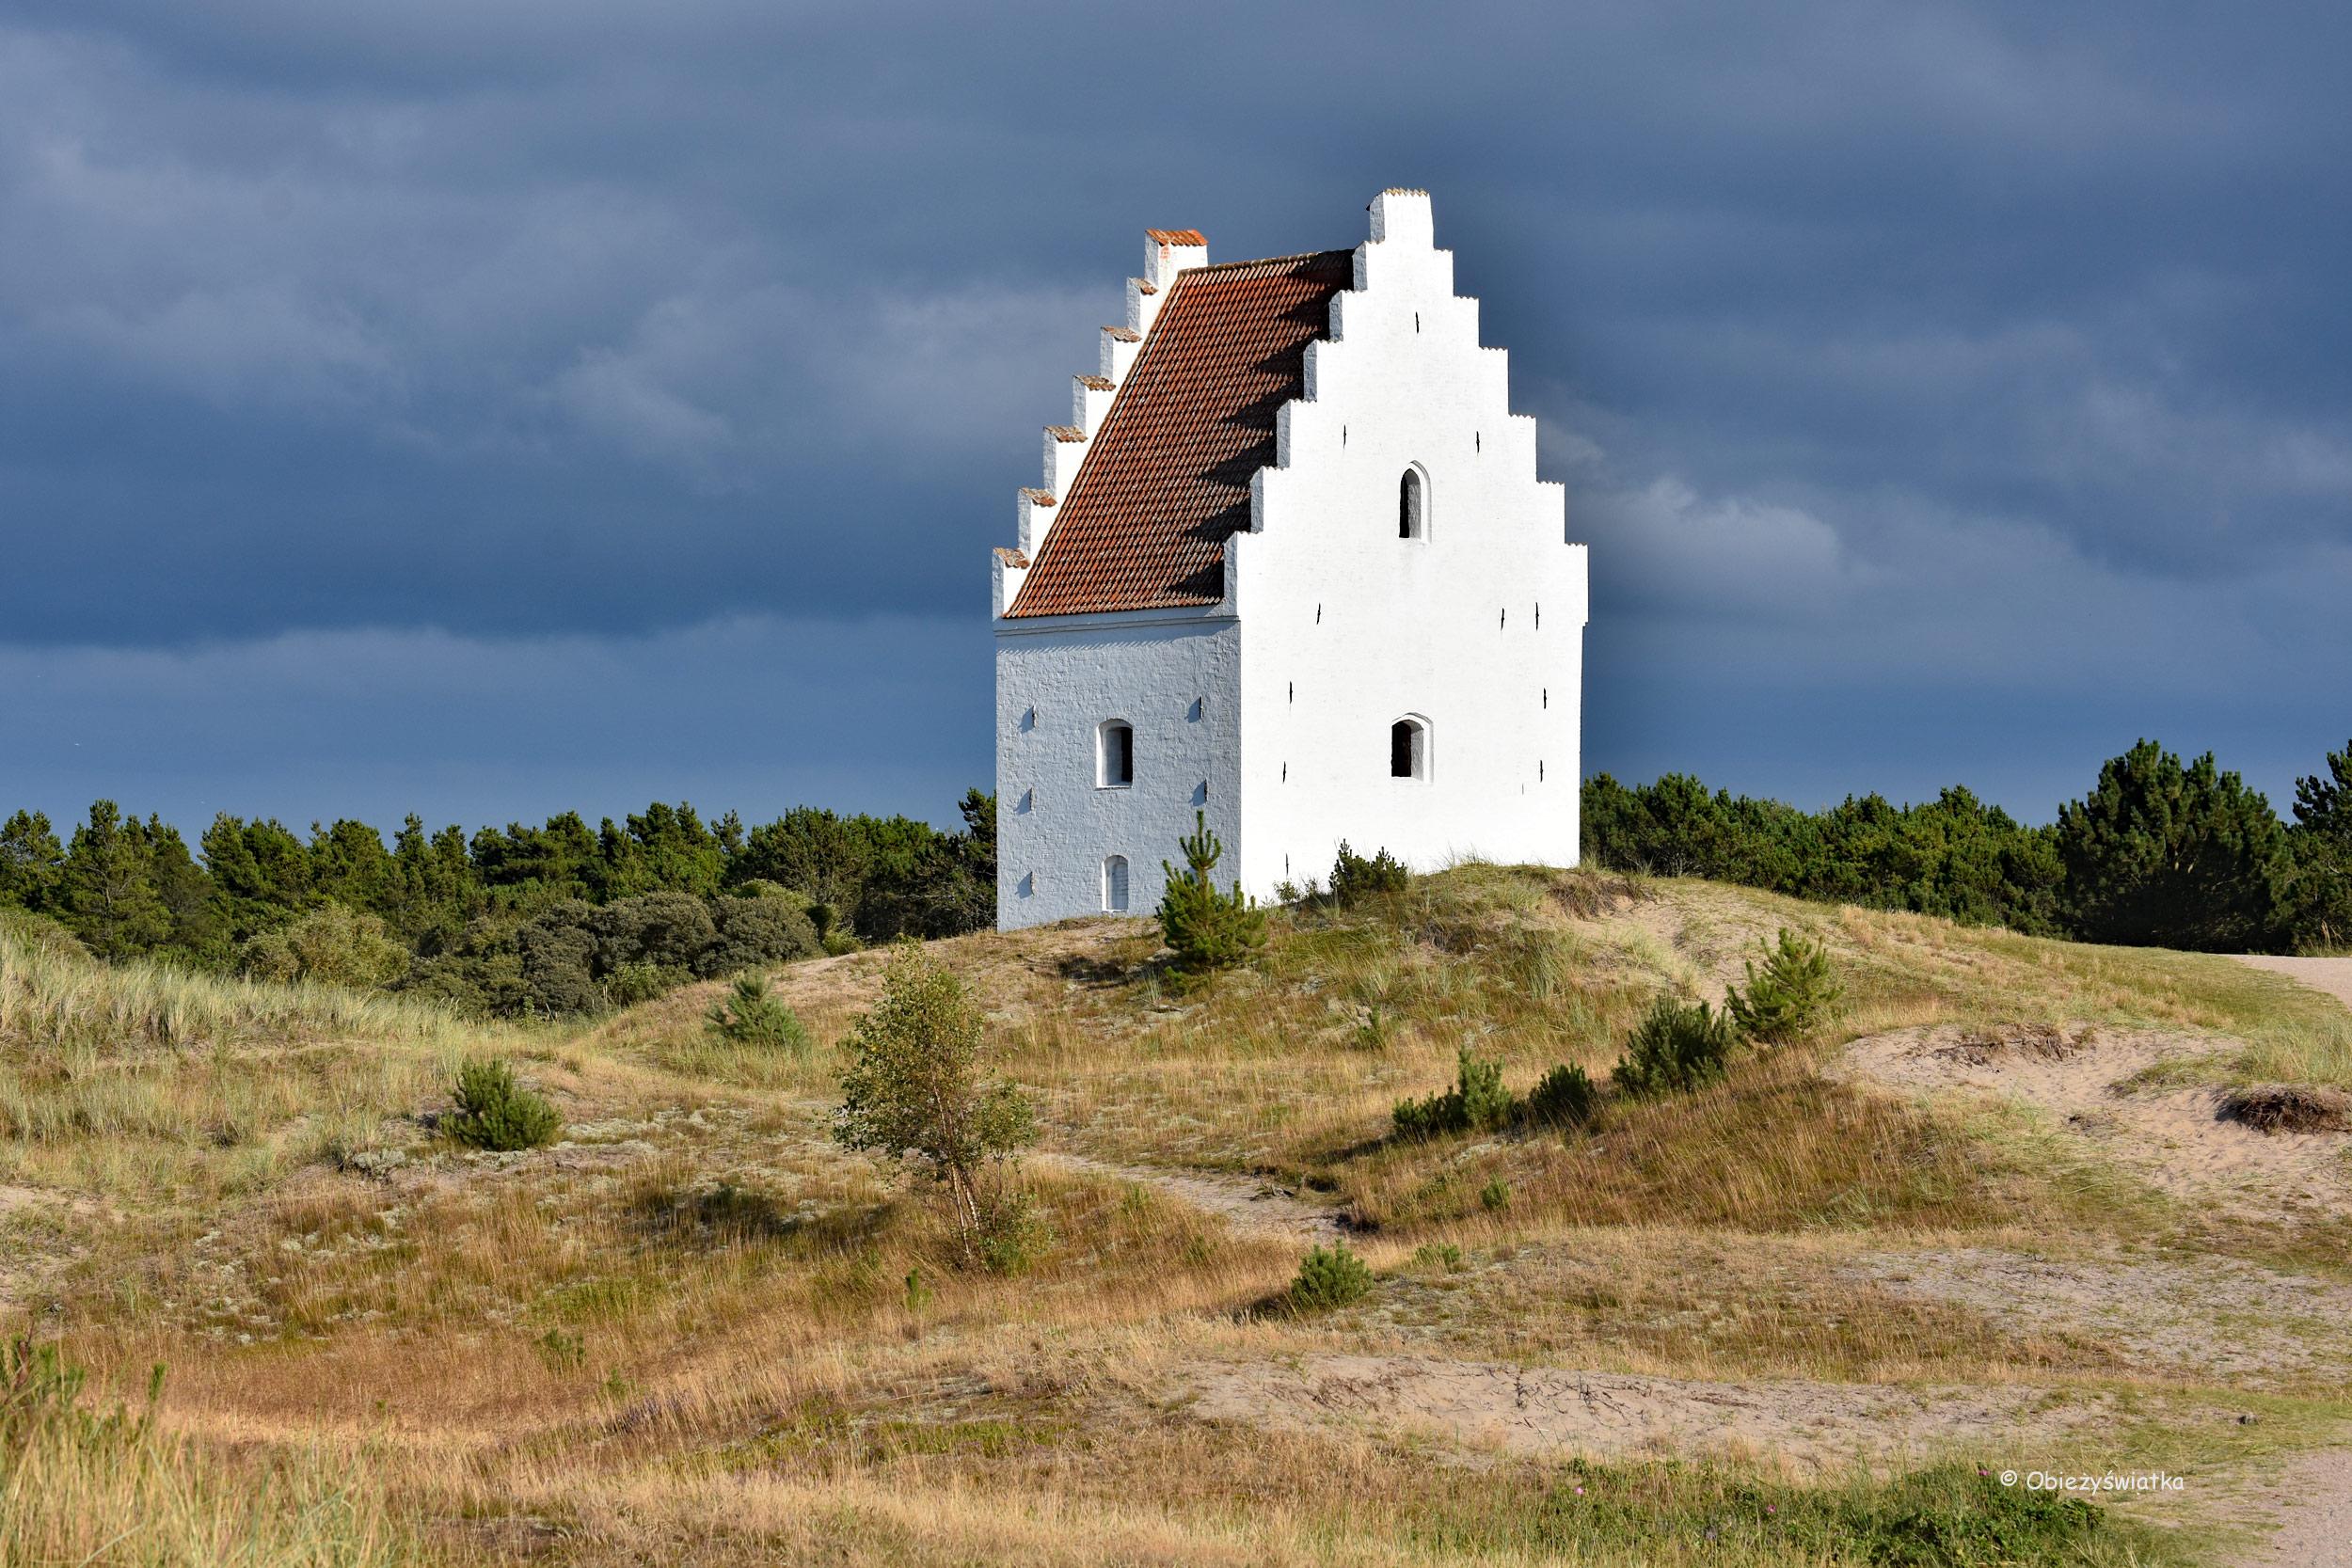 Zasypany kościół w Skagen, Dania